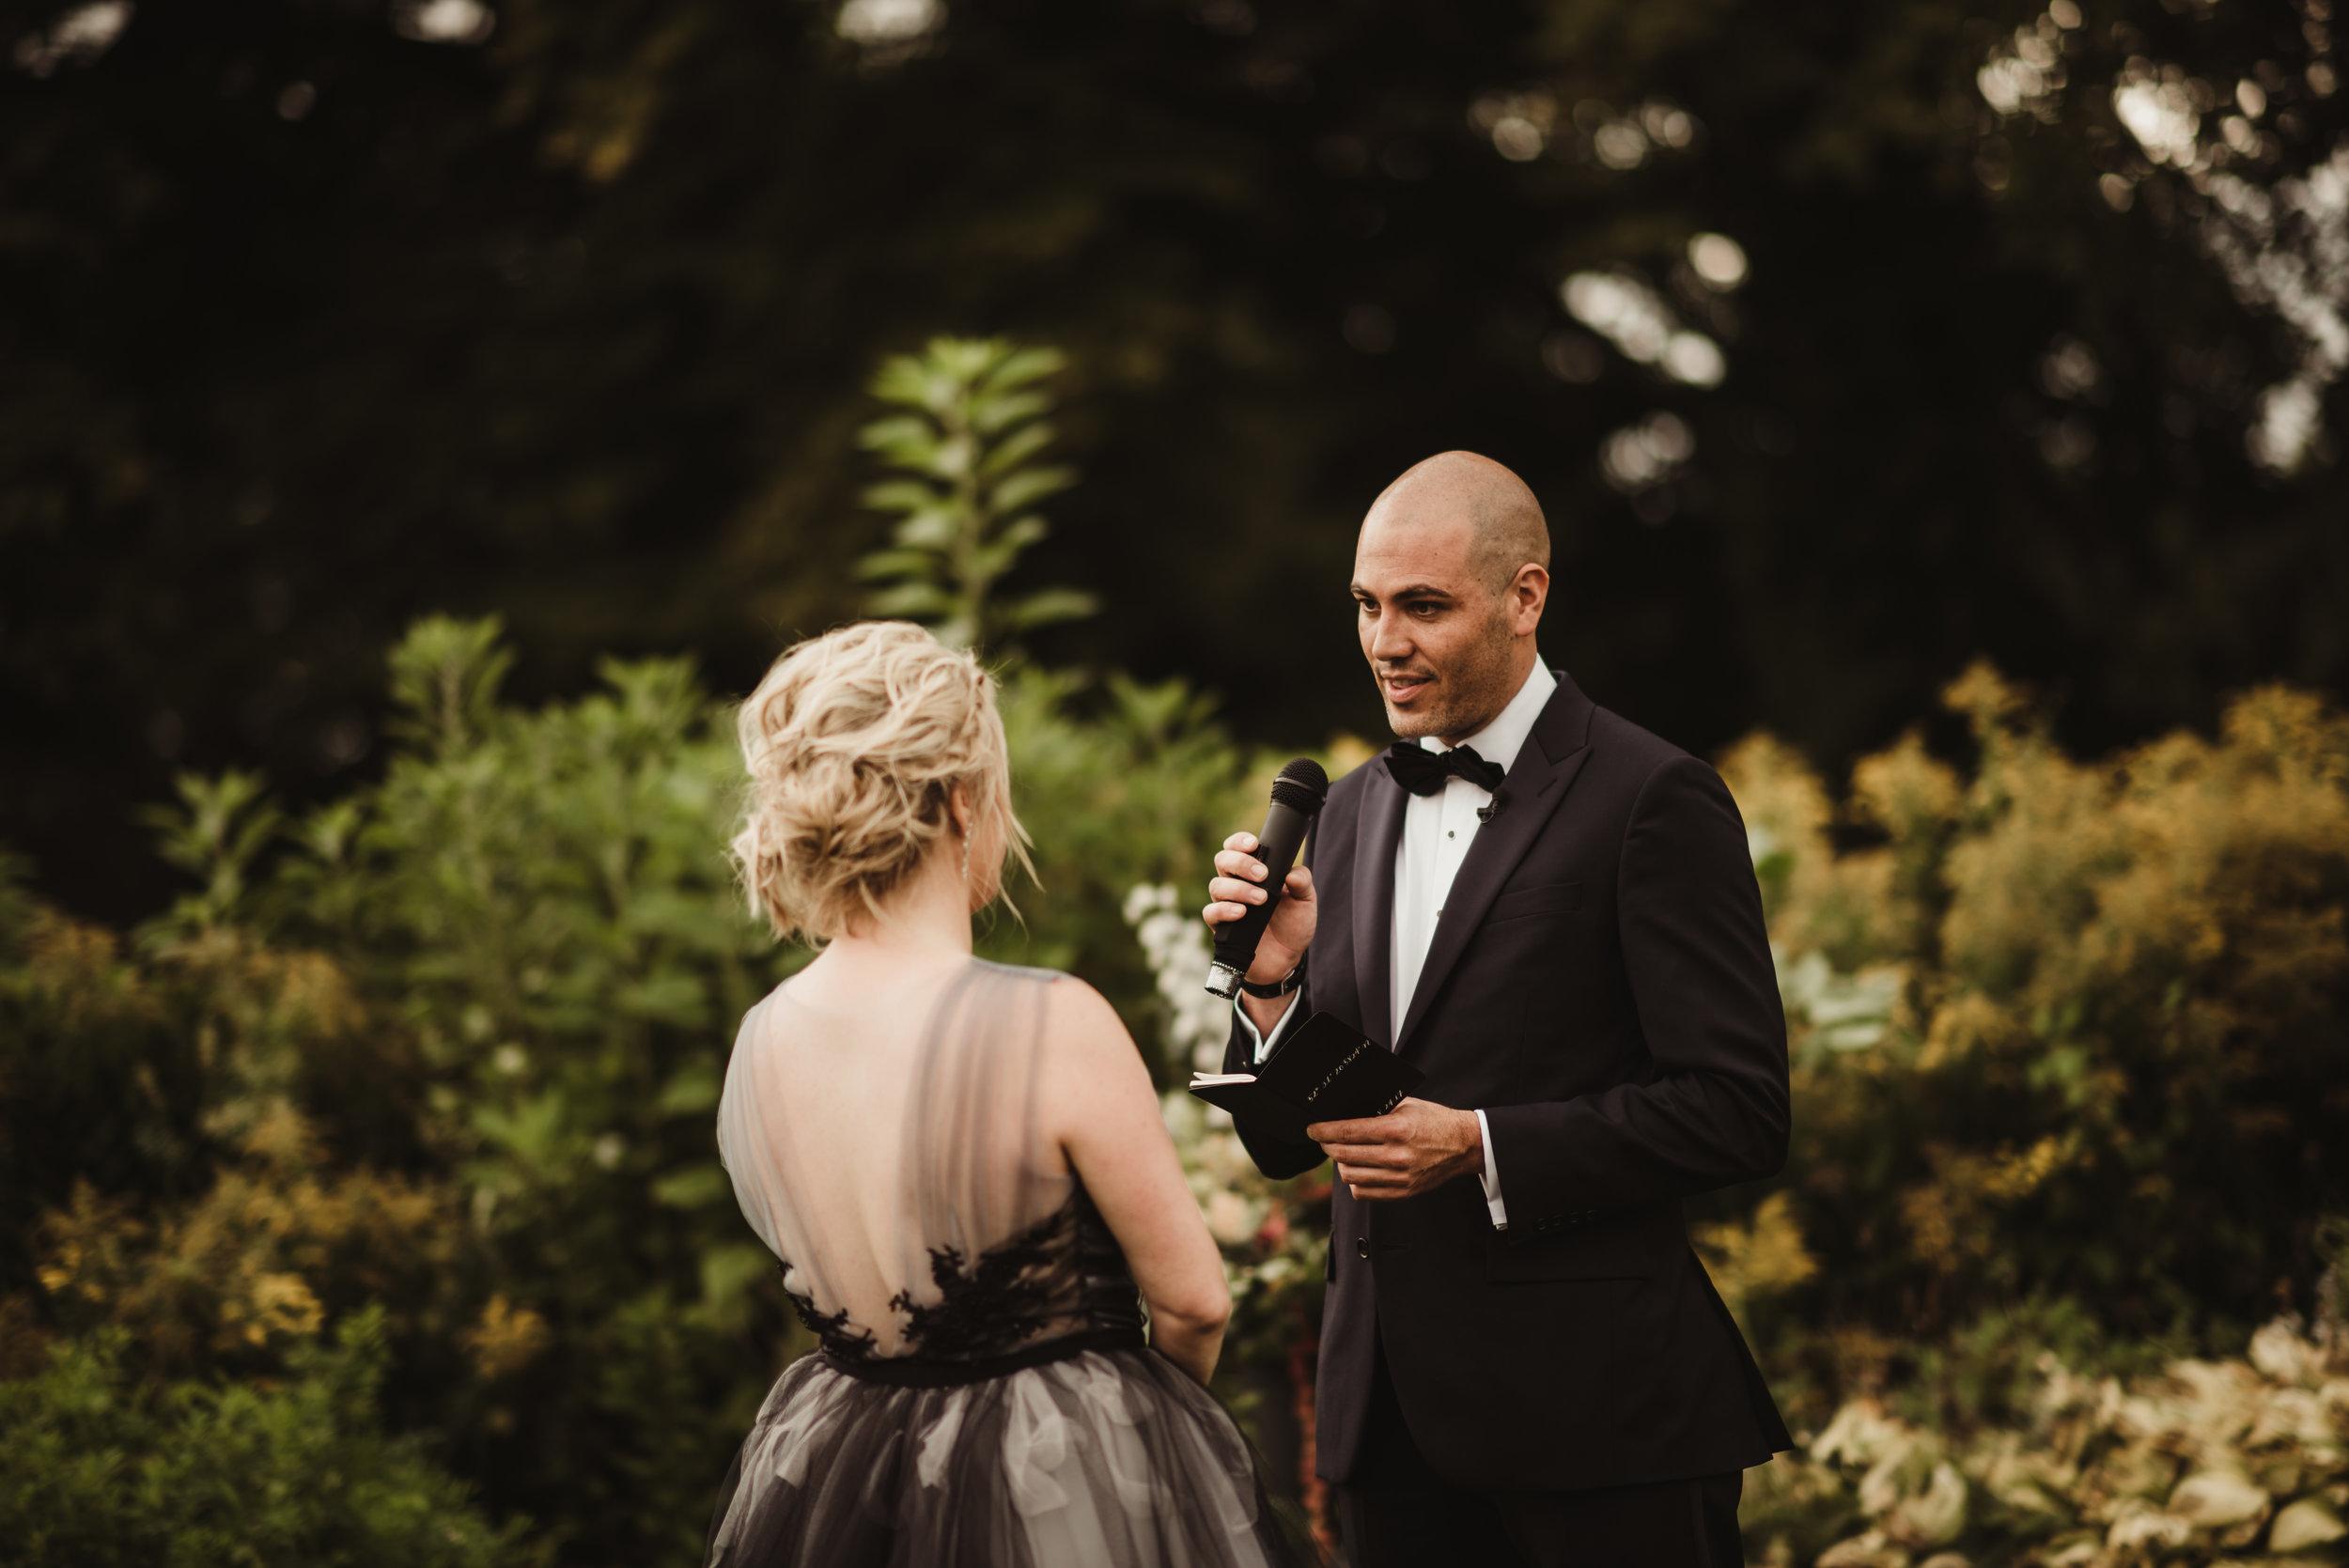 wedding vows in garden